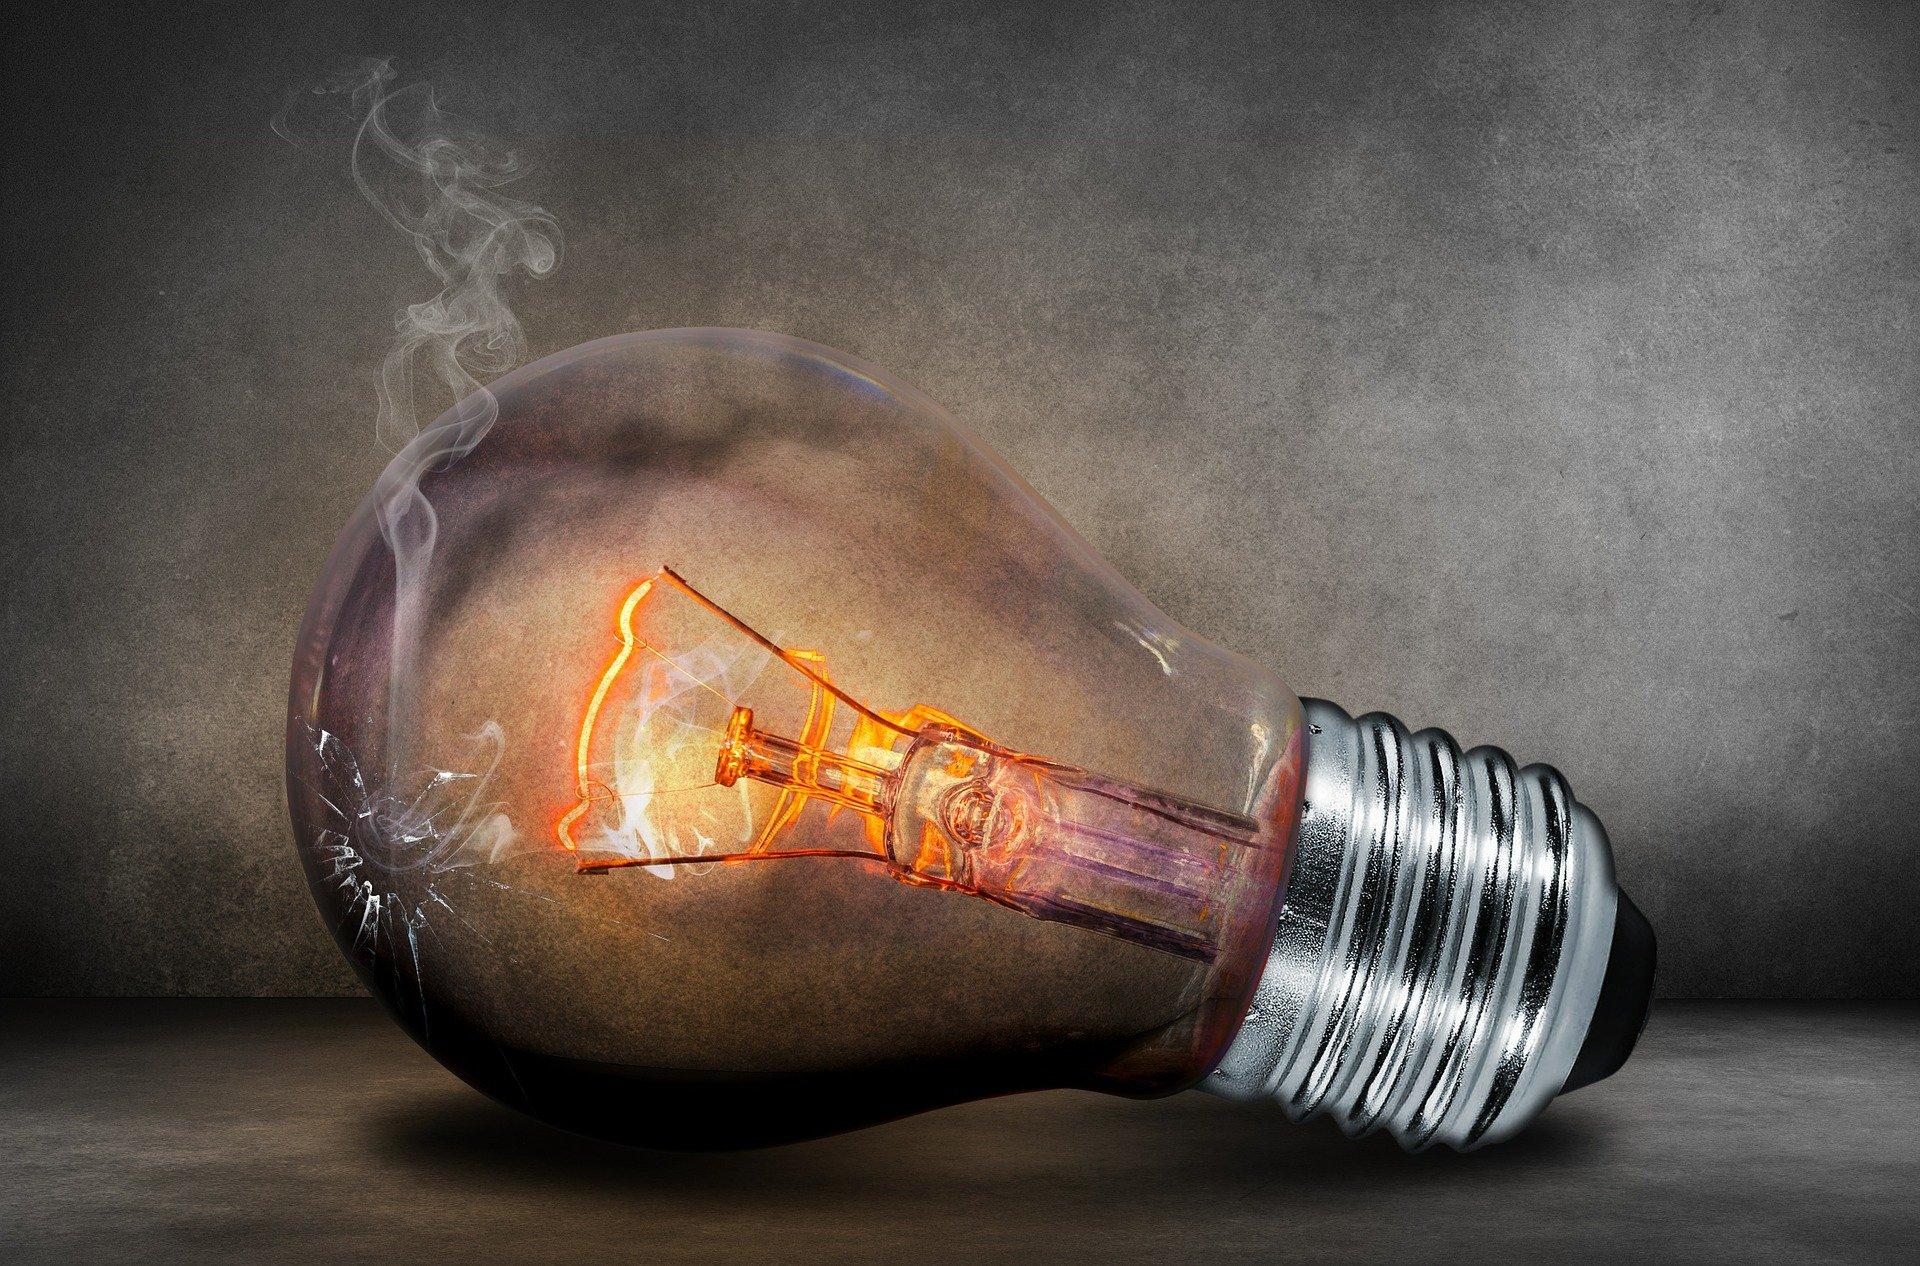 Ahorrar en la factura de la luz ¿Autoconsumo o PVPC? - FIO